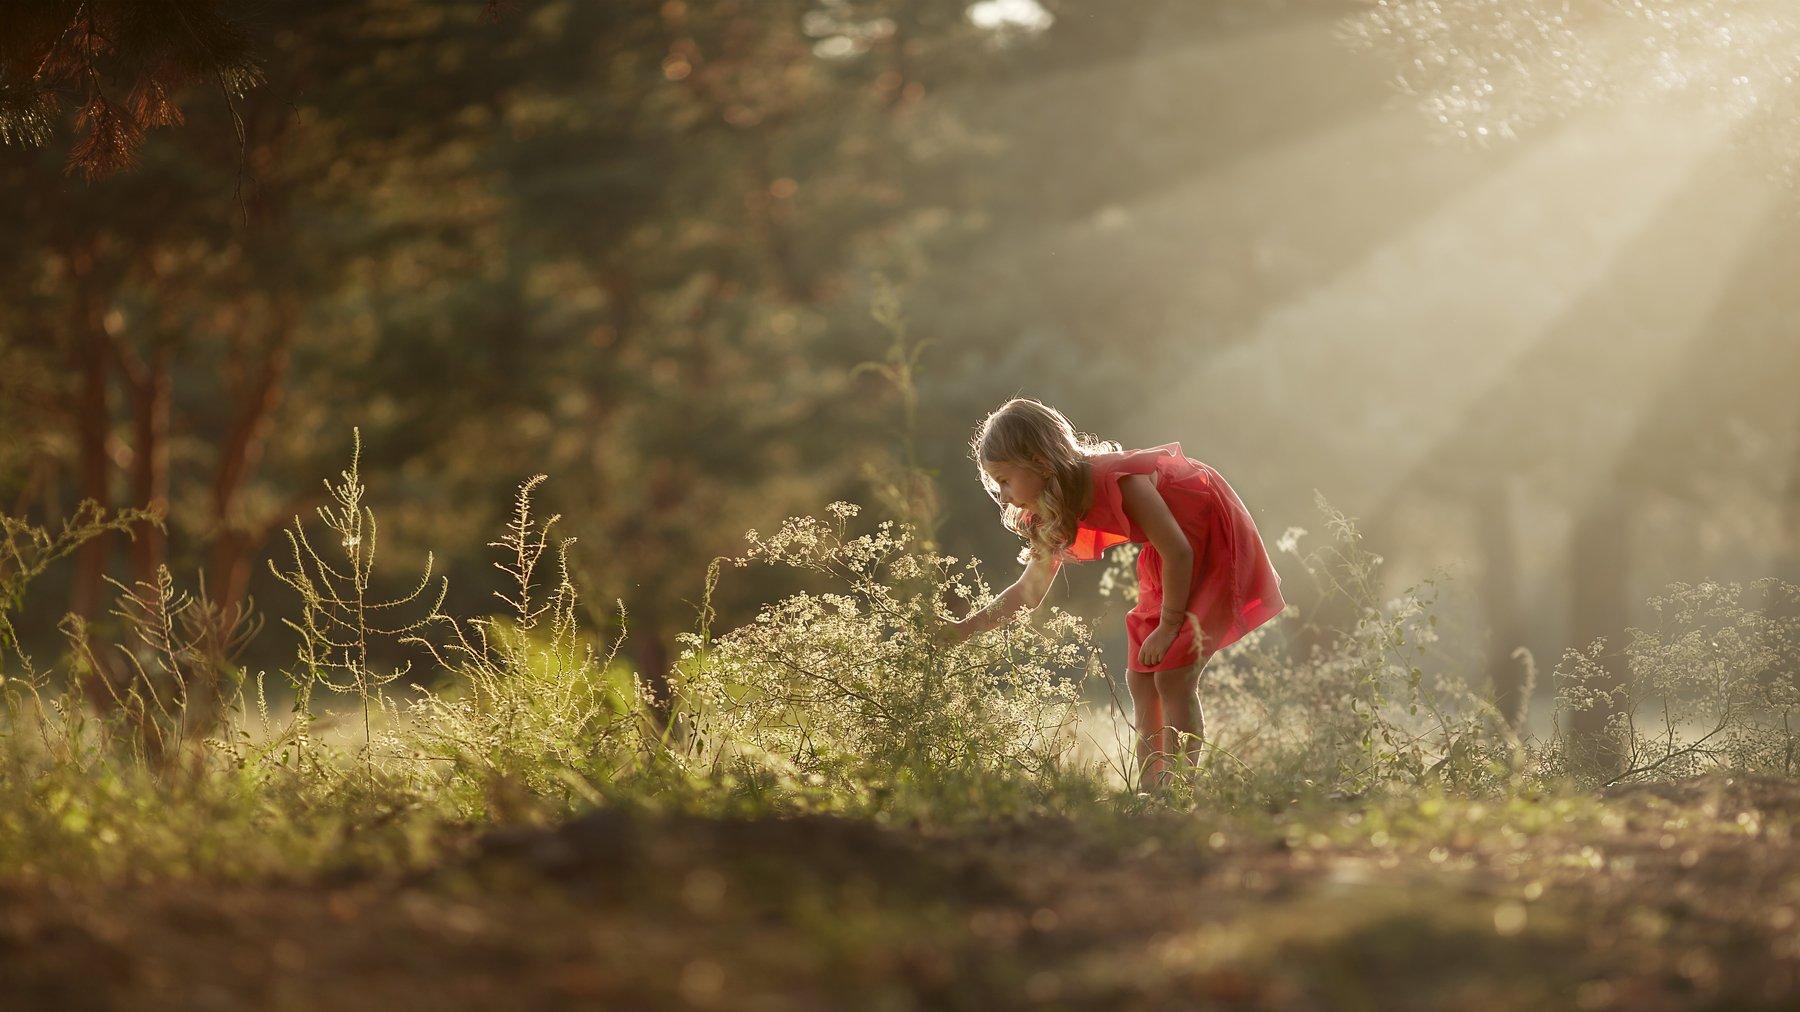 свет, ребенок, детский портрет, пейзаж, зеленый, ретушь, дети в кадре, Щепин Сергей